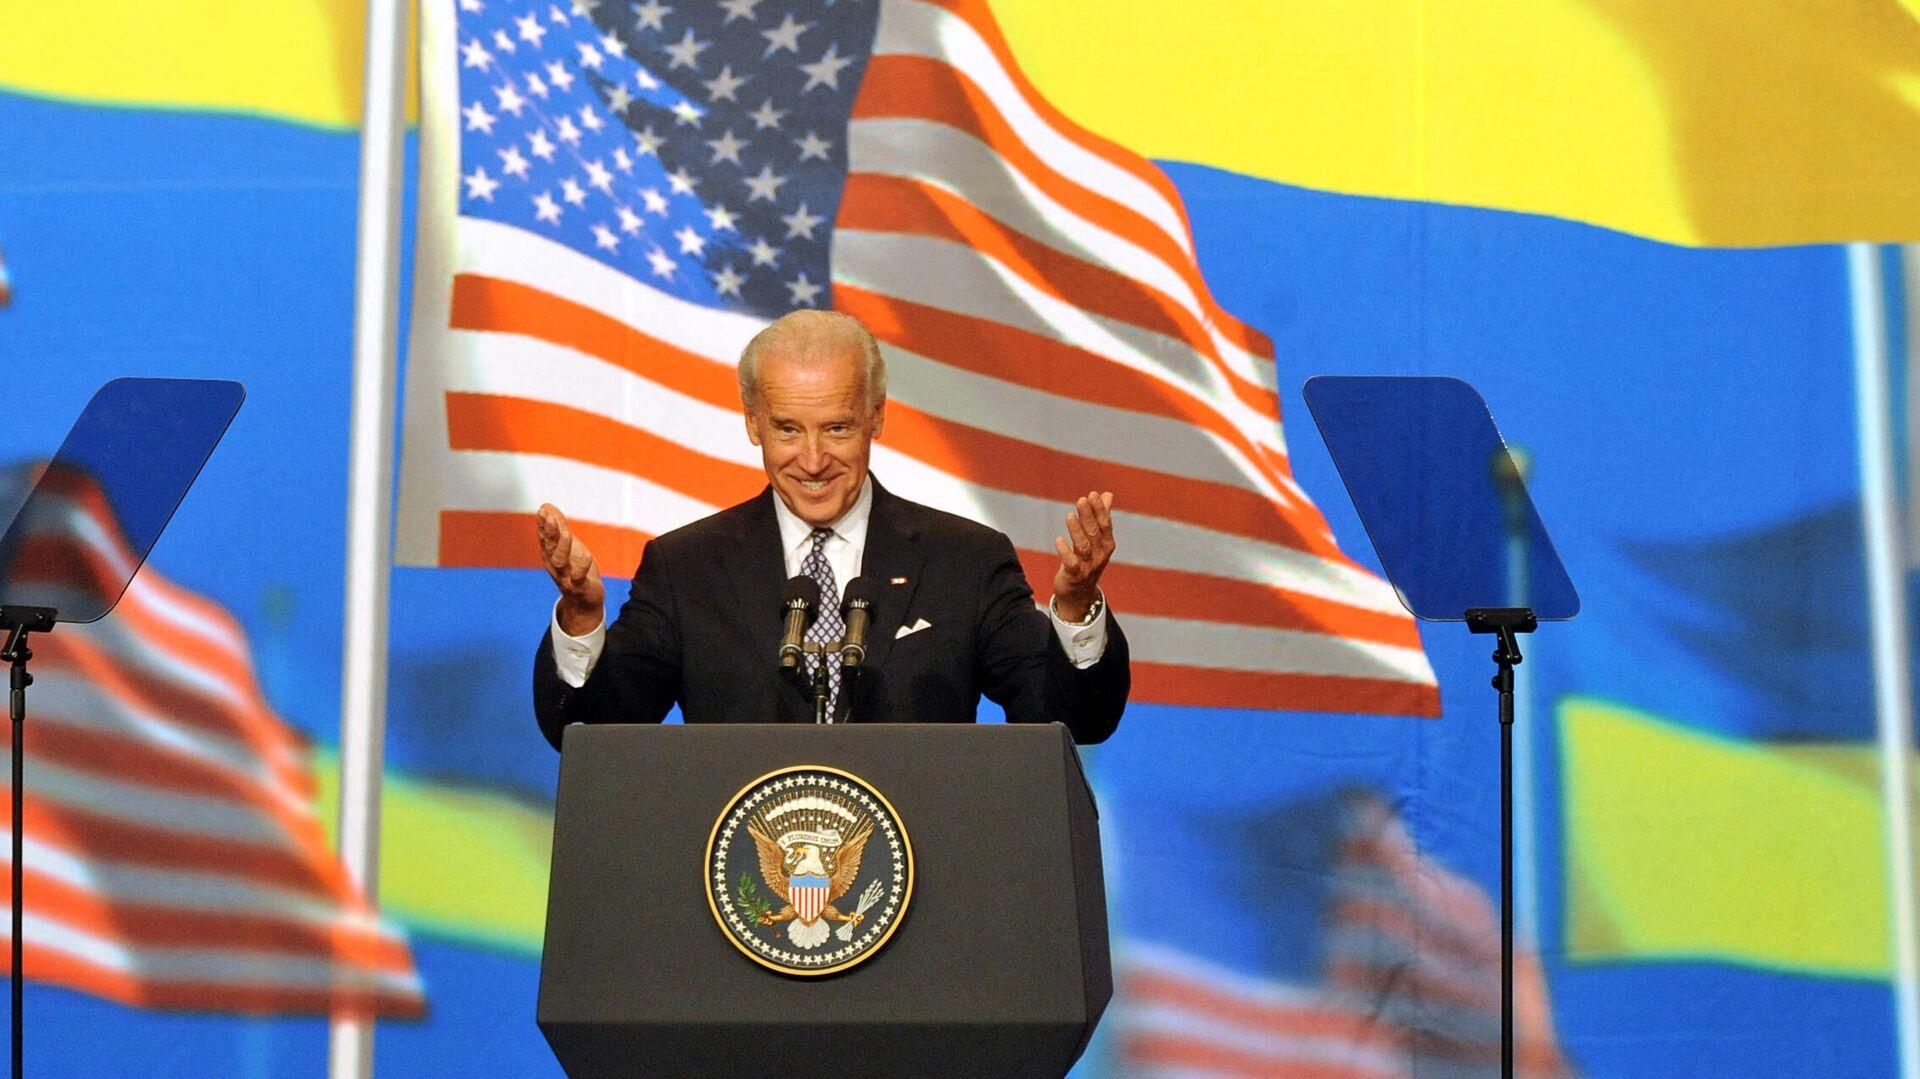 Джо Байден приветствует жителей Киева, Украина. 22 июля 2009 года  - РИА Новости, 1920, 06.04.2021